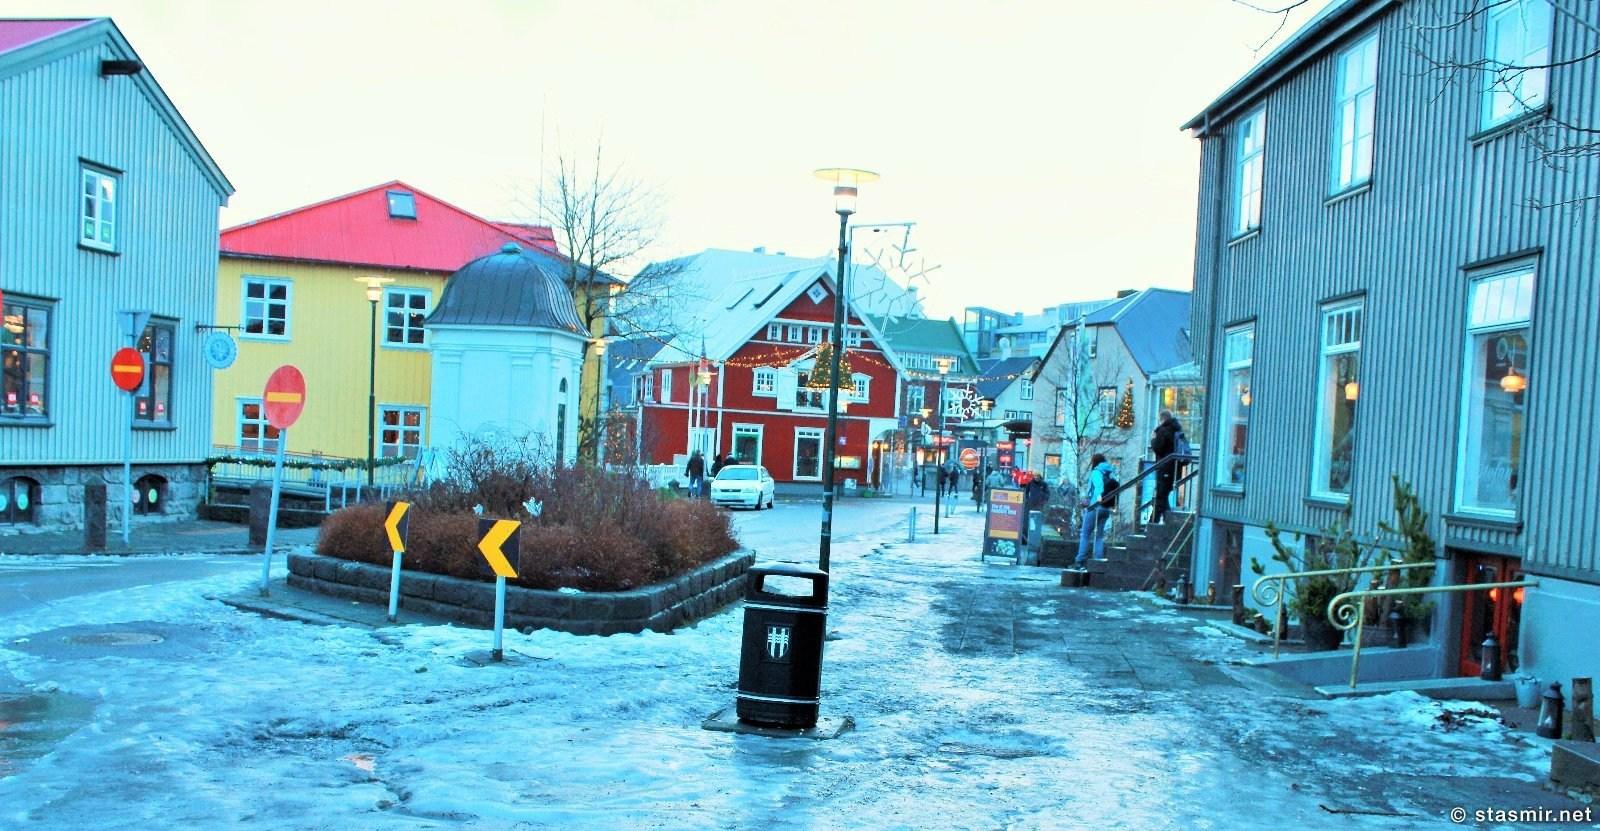 Зимний Рейкьявик под Новый Год - дикий гололед, фото Стасмир, Photo Stasmir